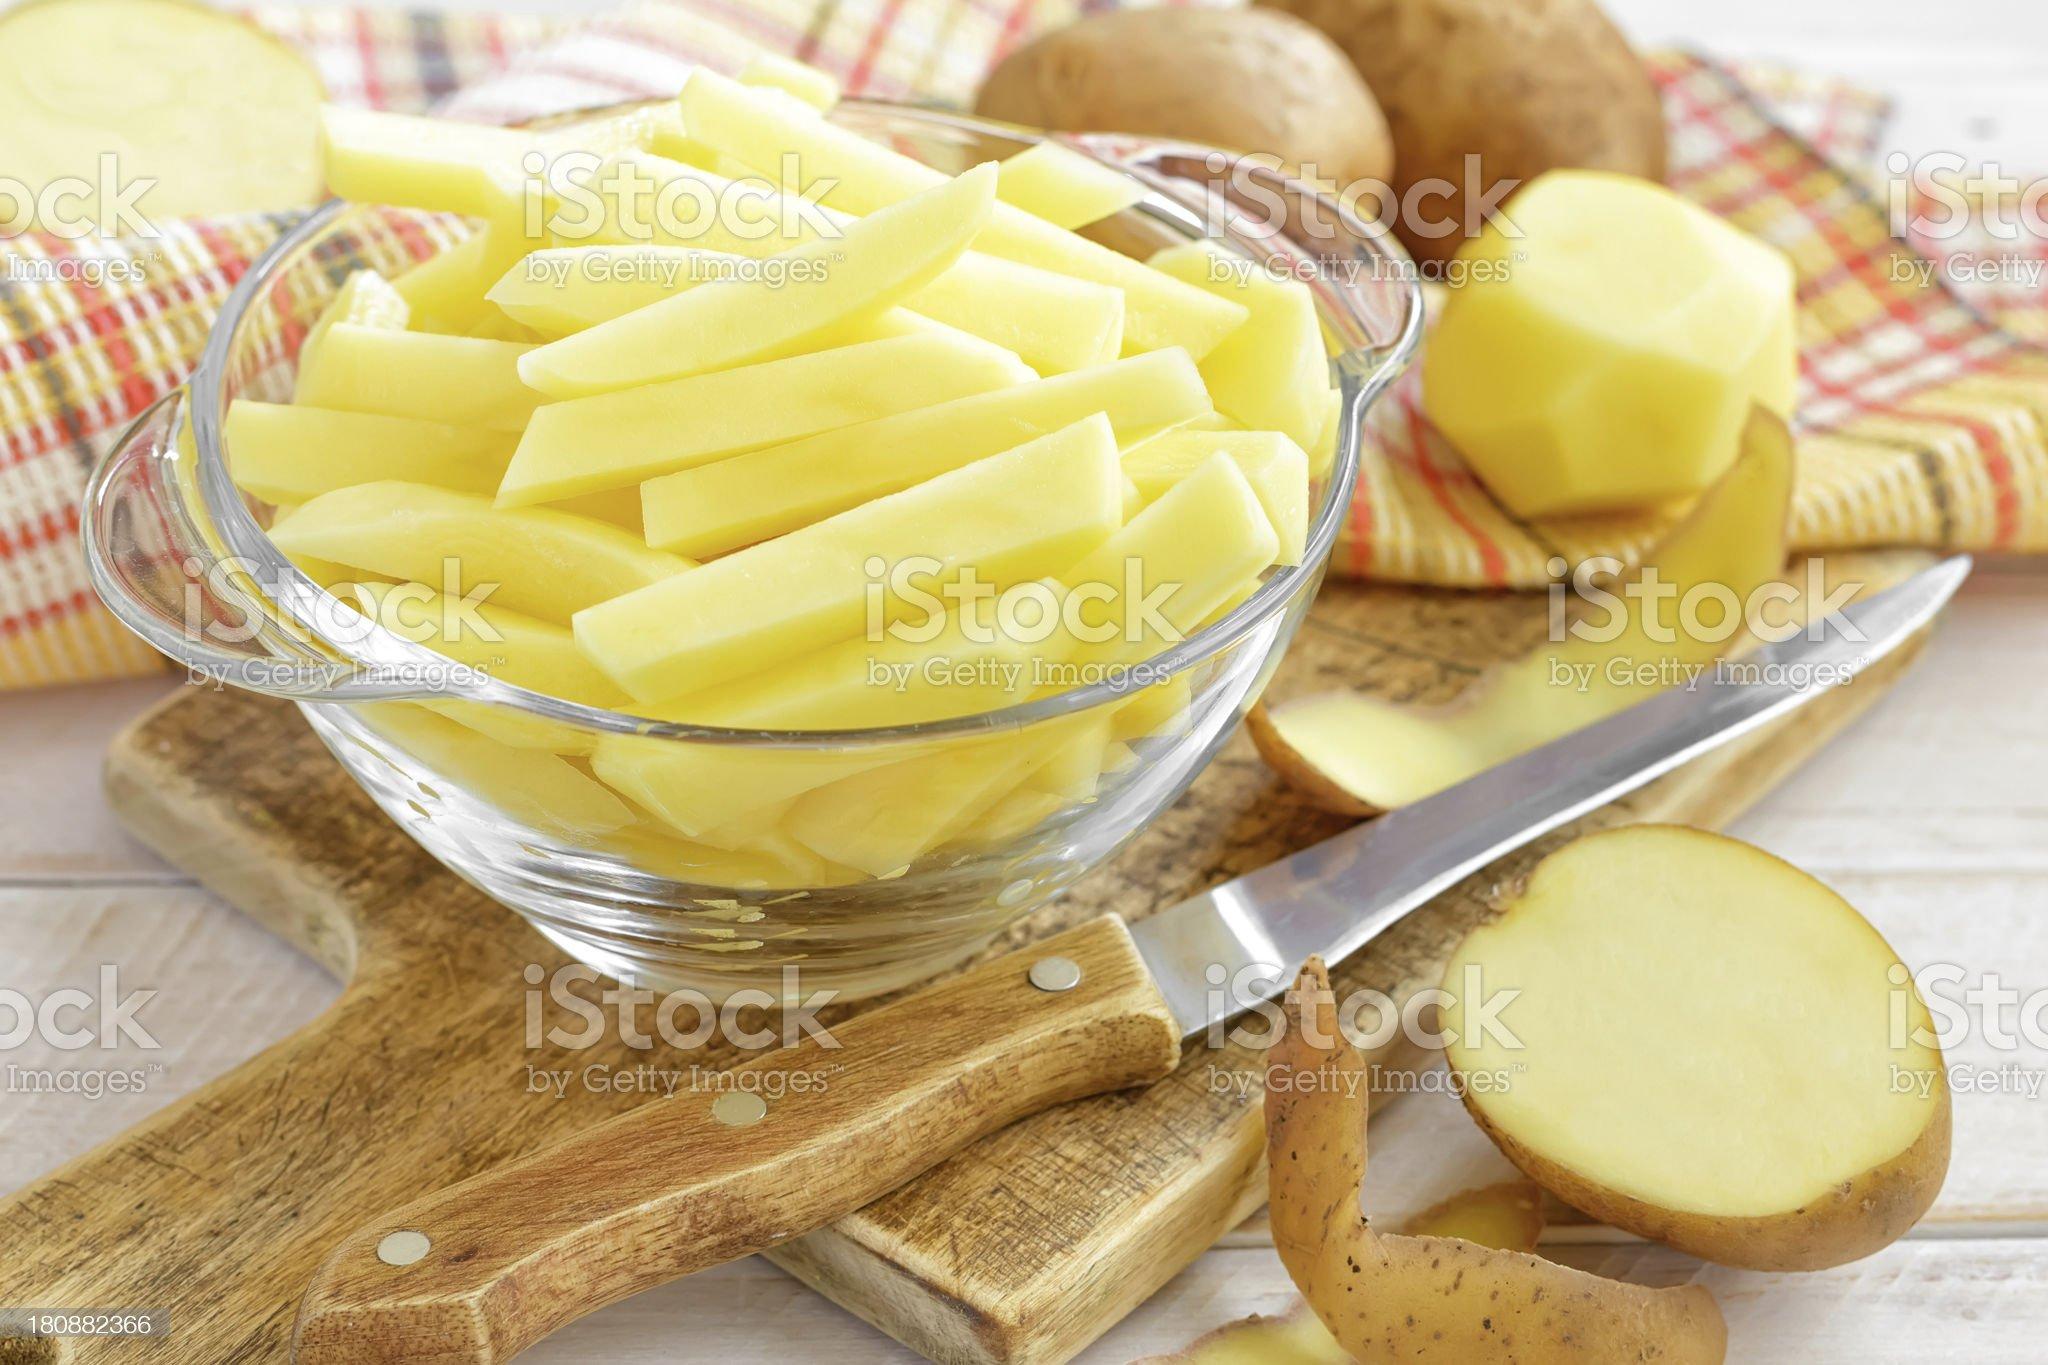 Sliced potato royalty-free stock photo